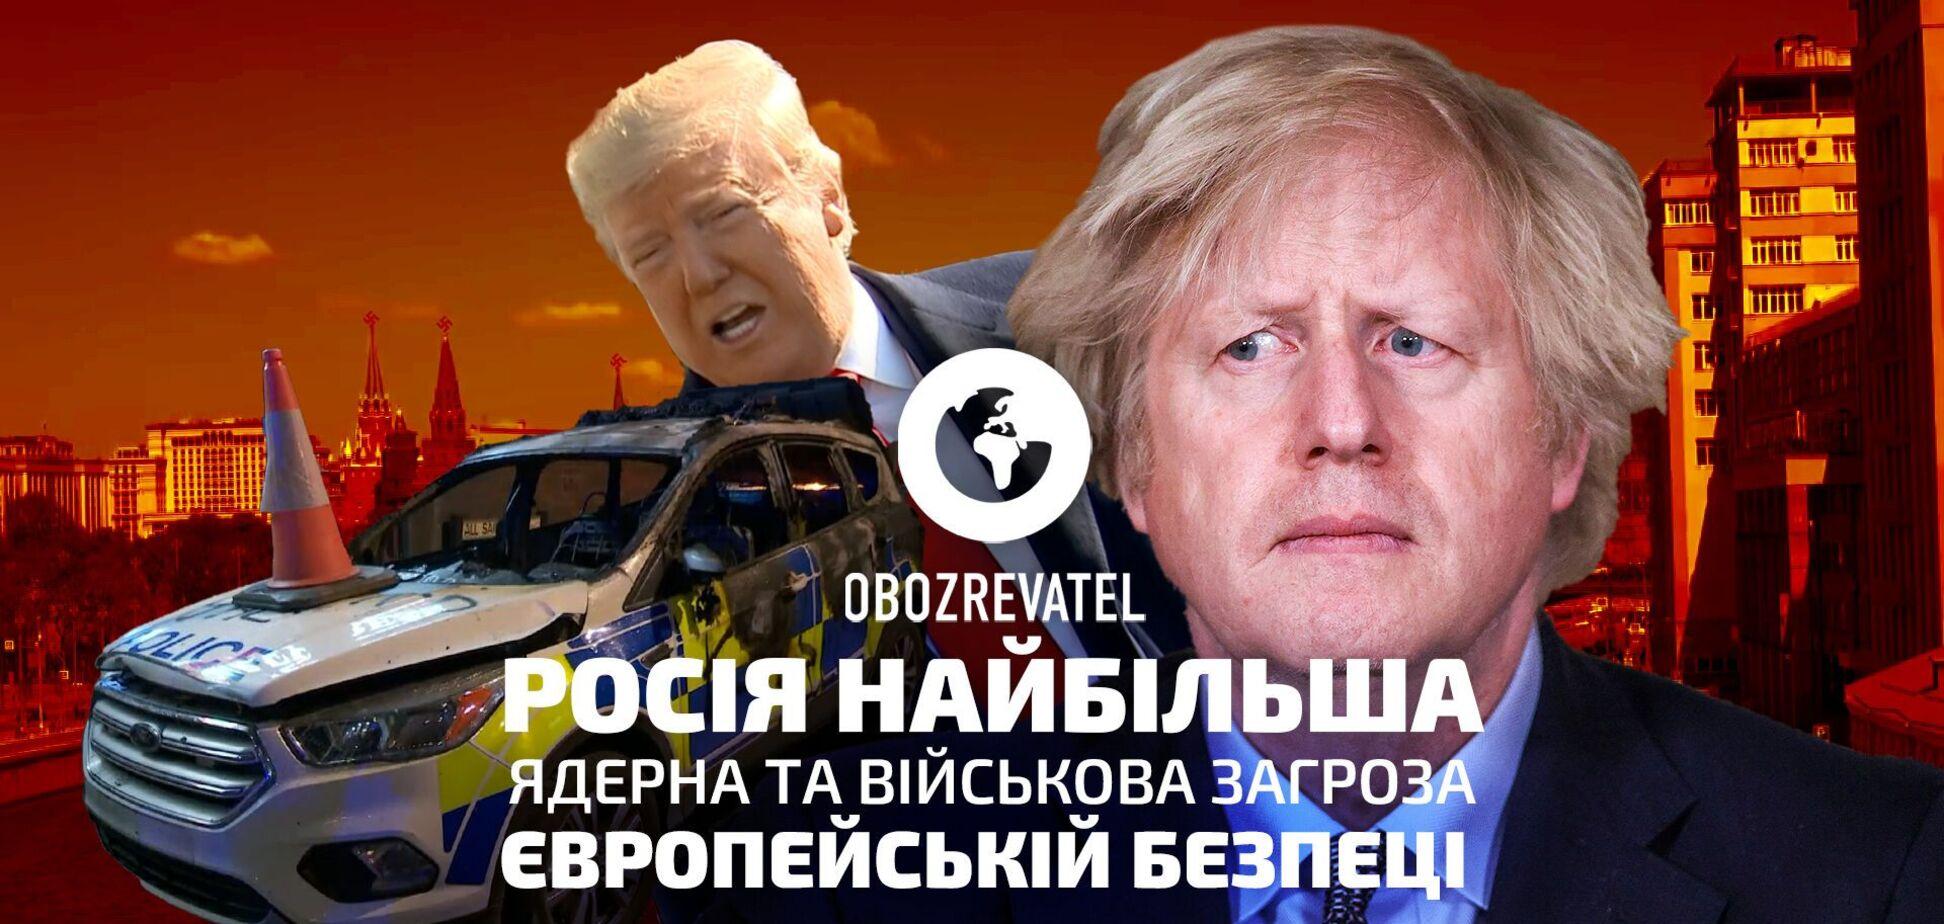 Велика Британія вважає РФ загрозою європейській безпеці, а Дональд Трамп працює над власною соціальною мережею – дайджест міжнародних подій